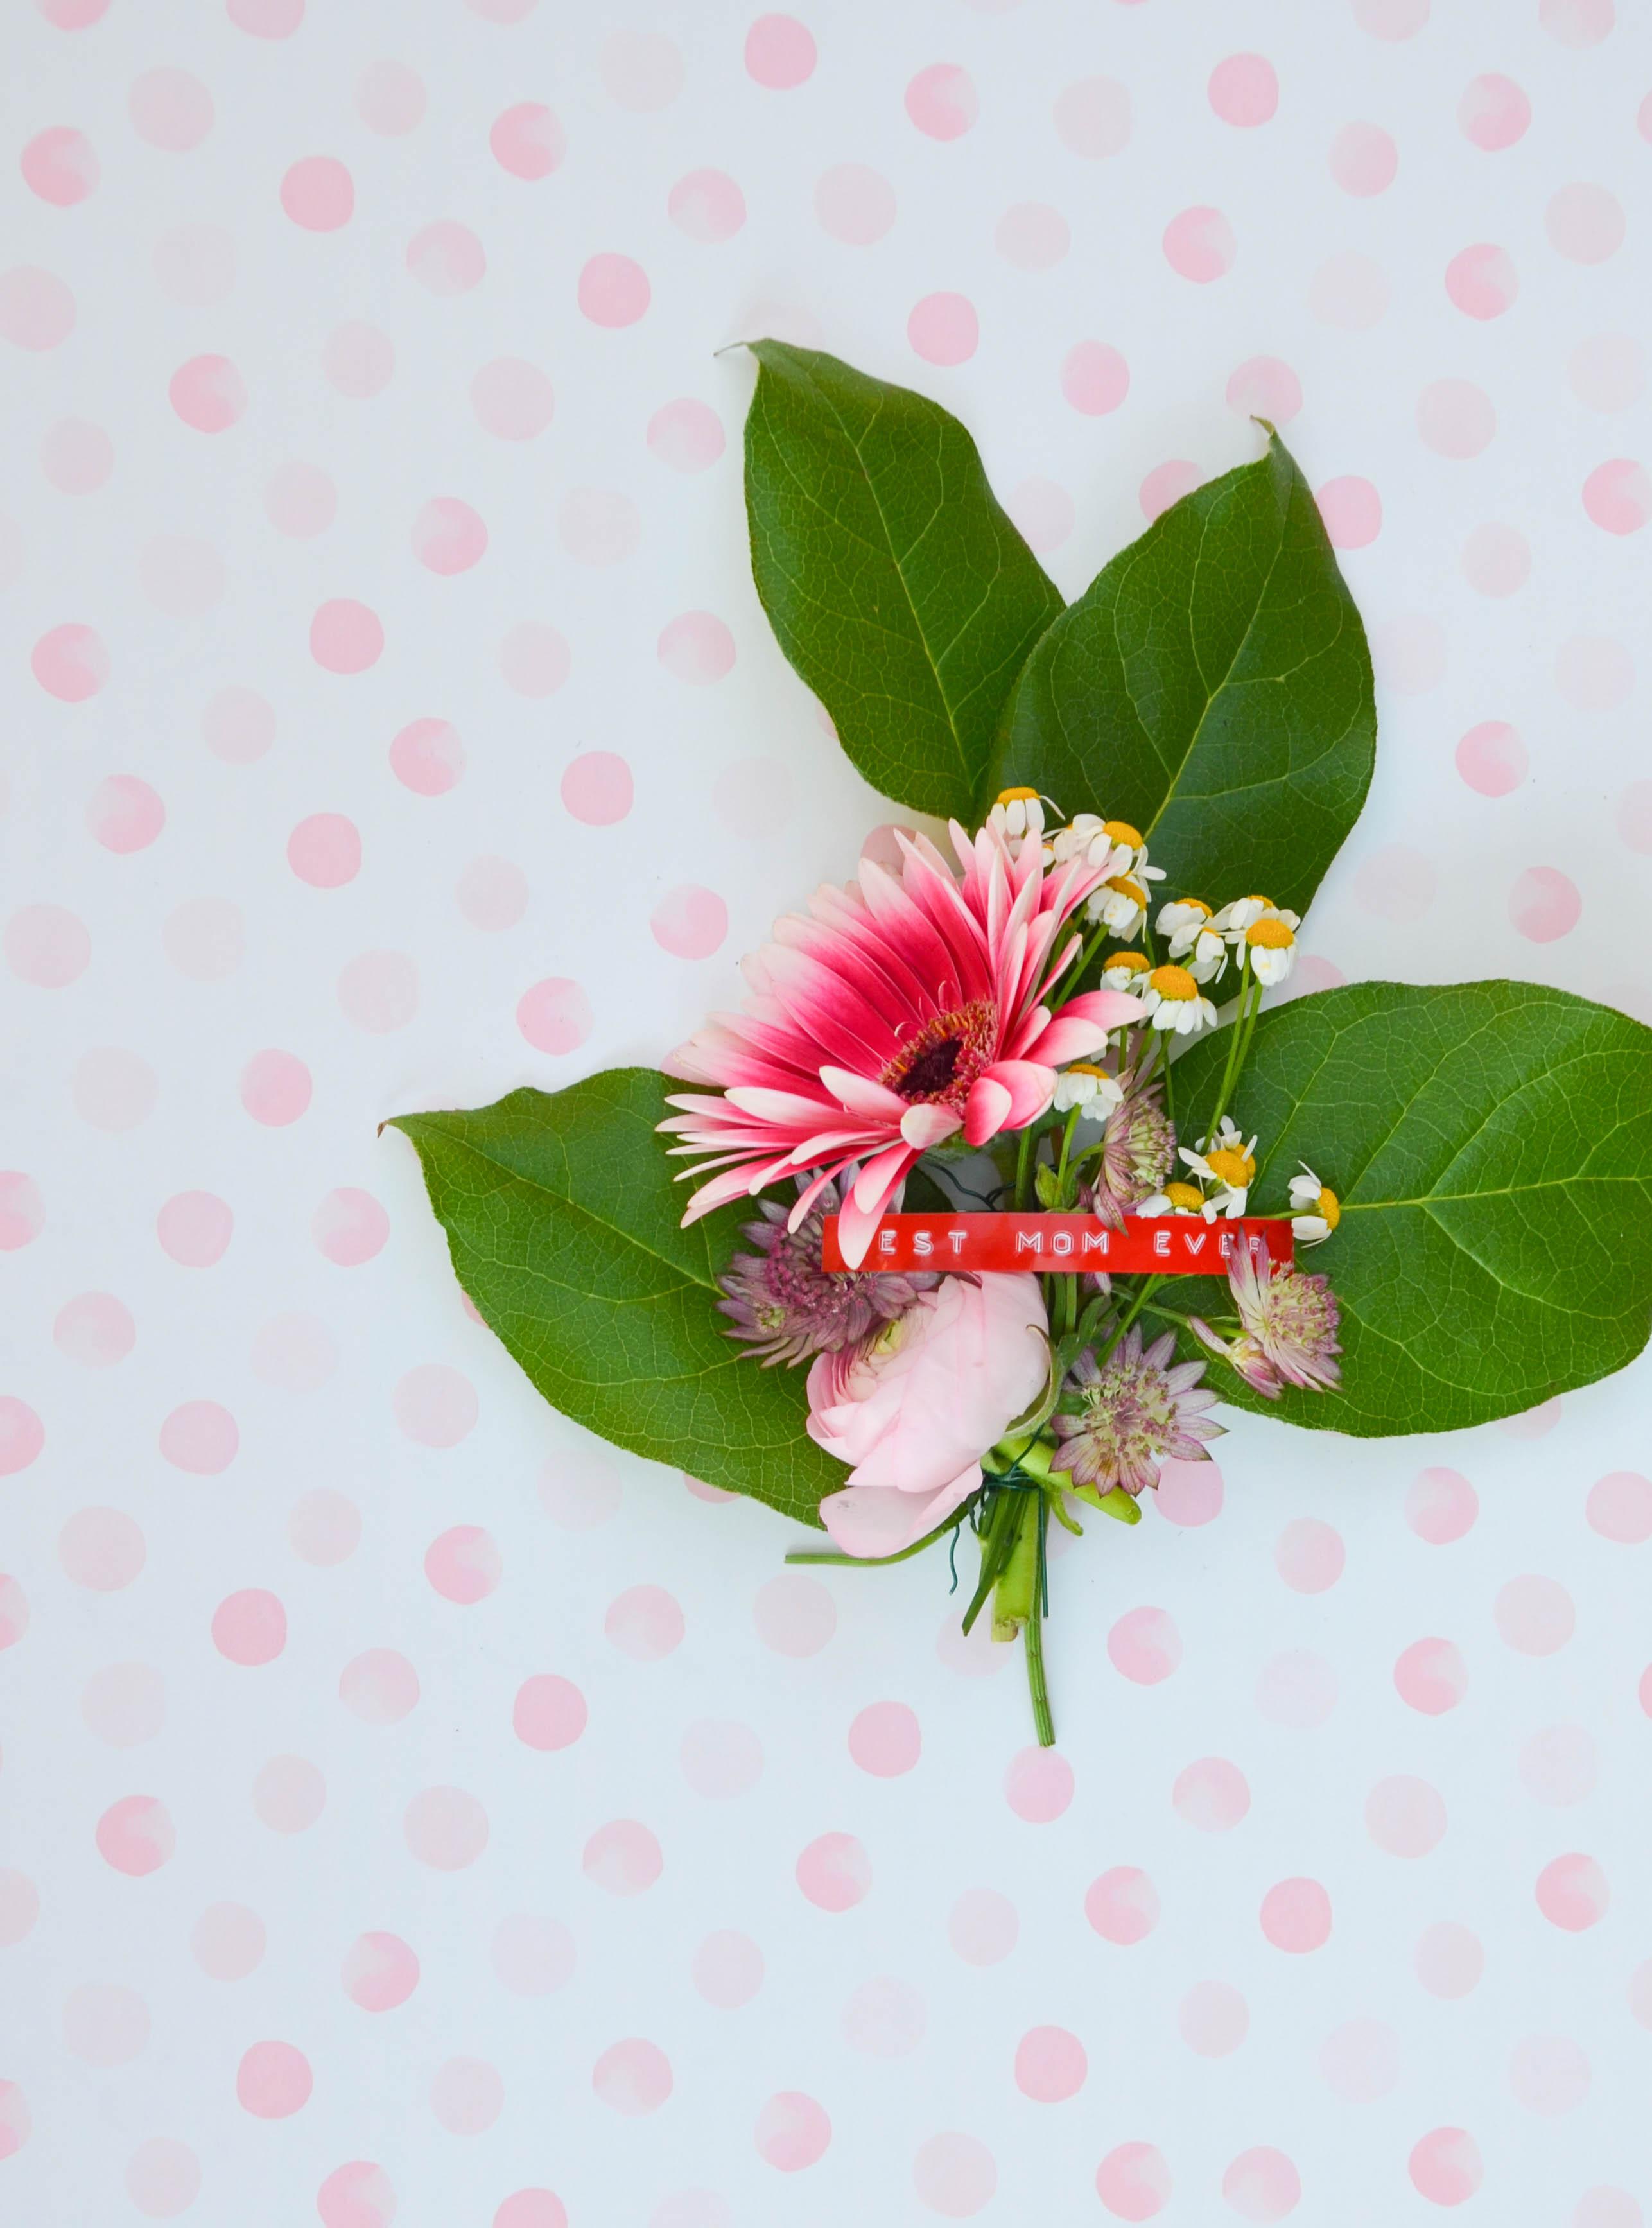 Blumenbrosche, Muttertag